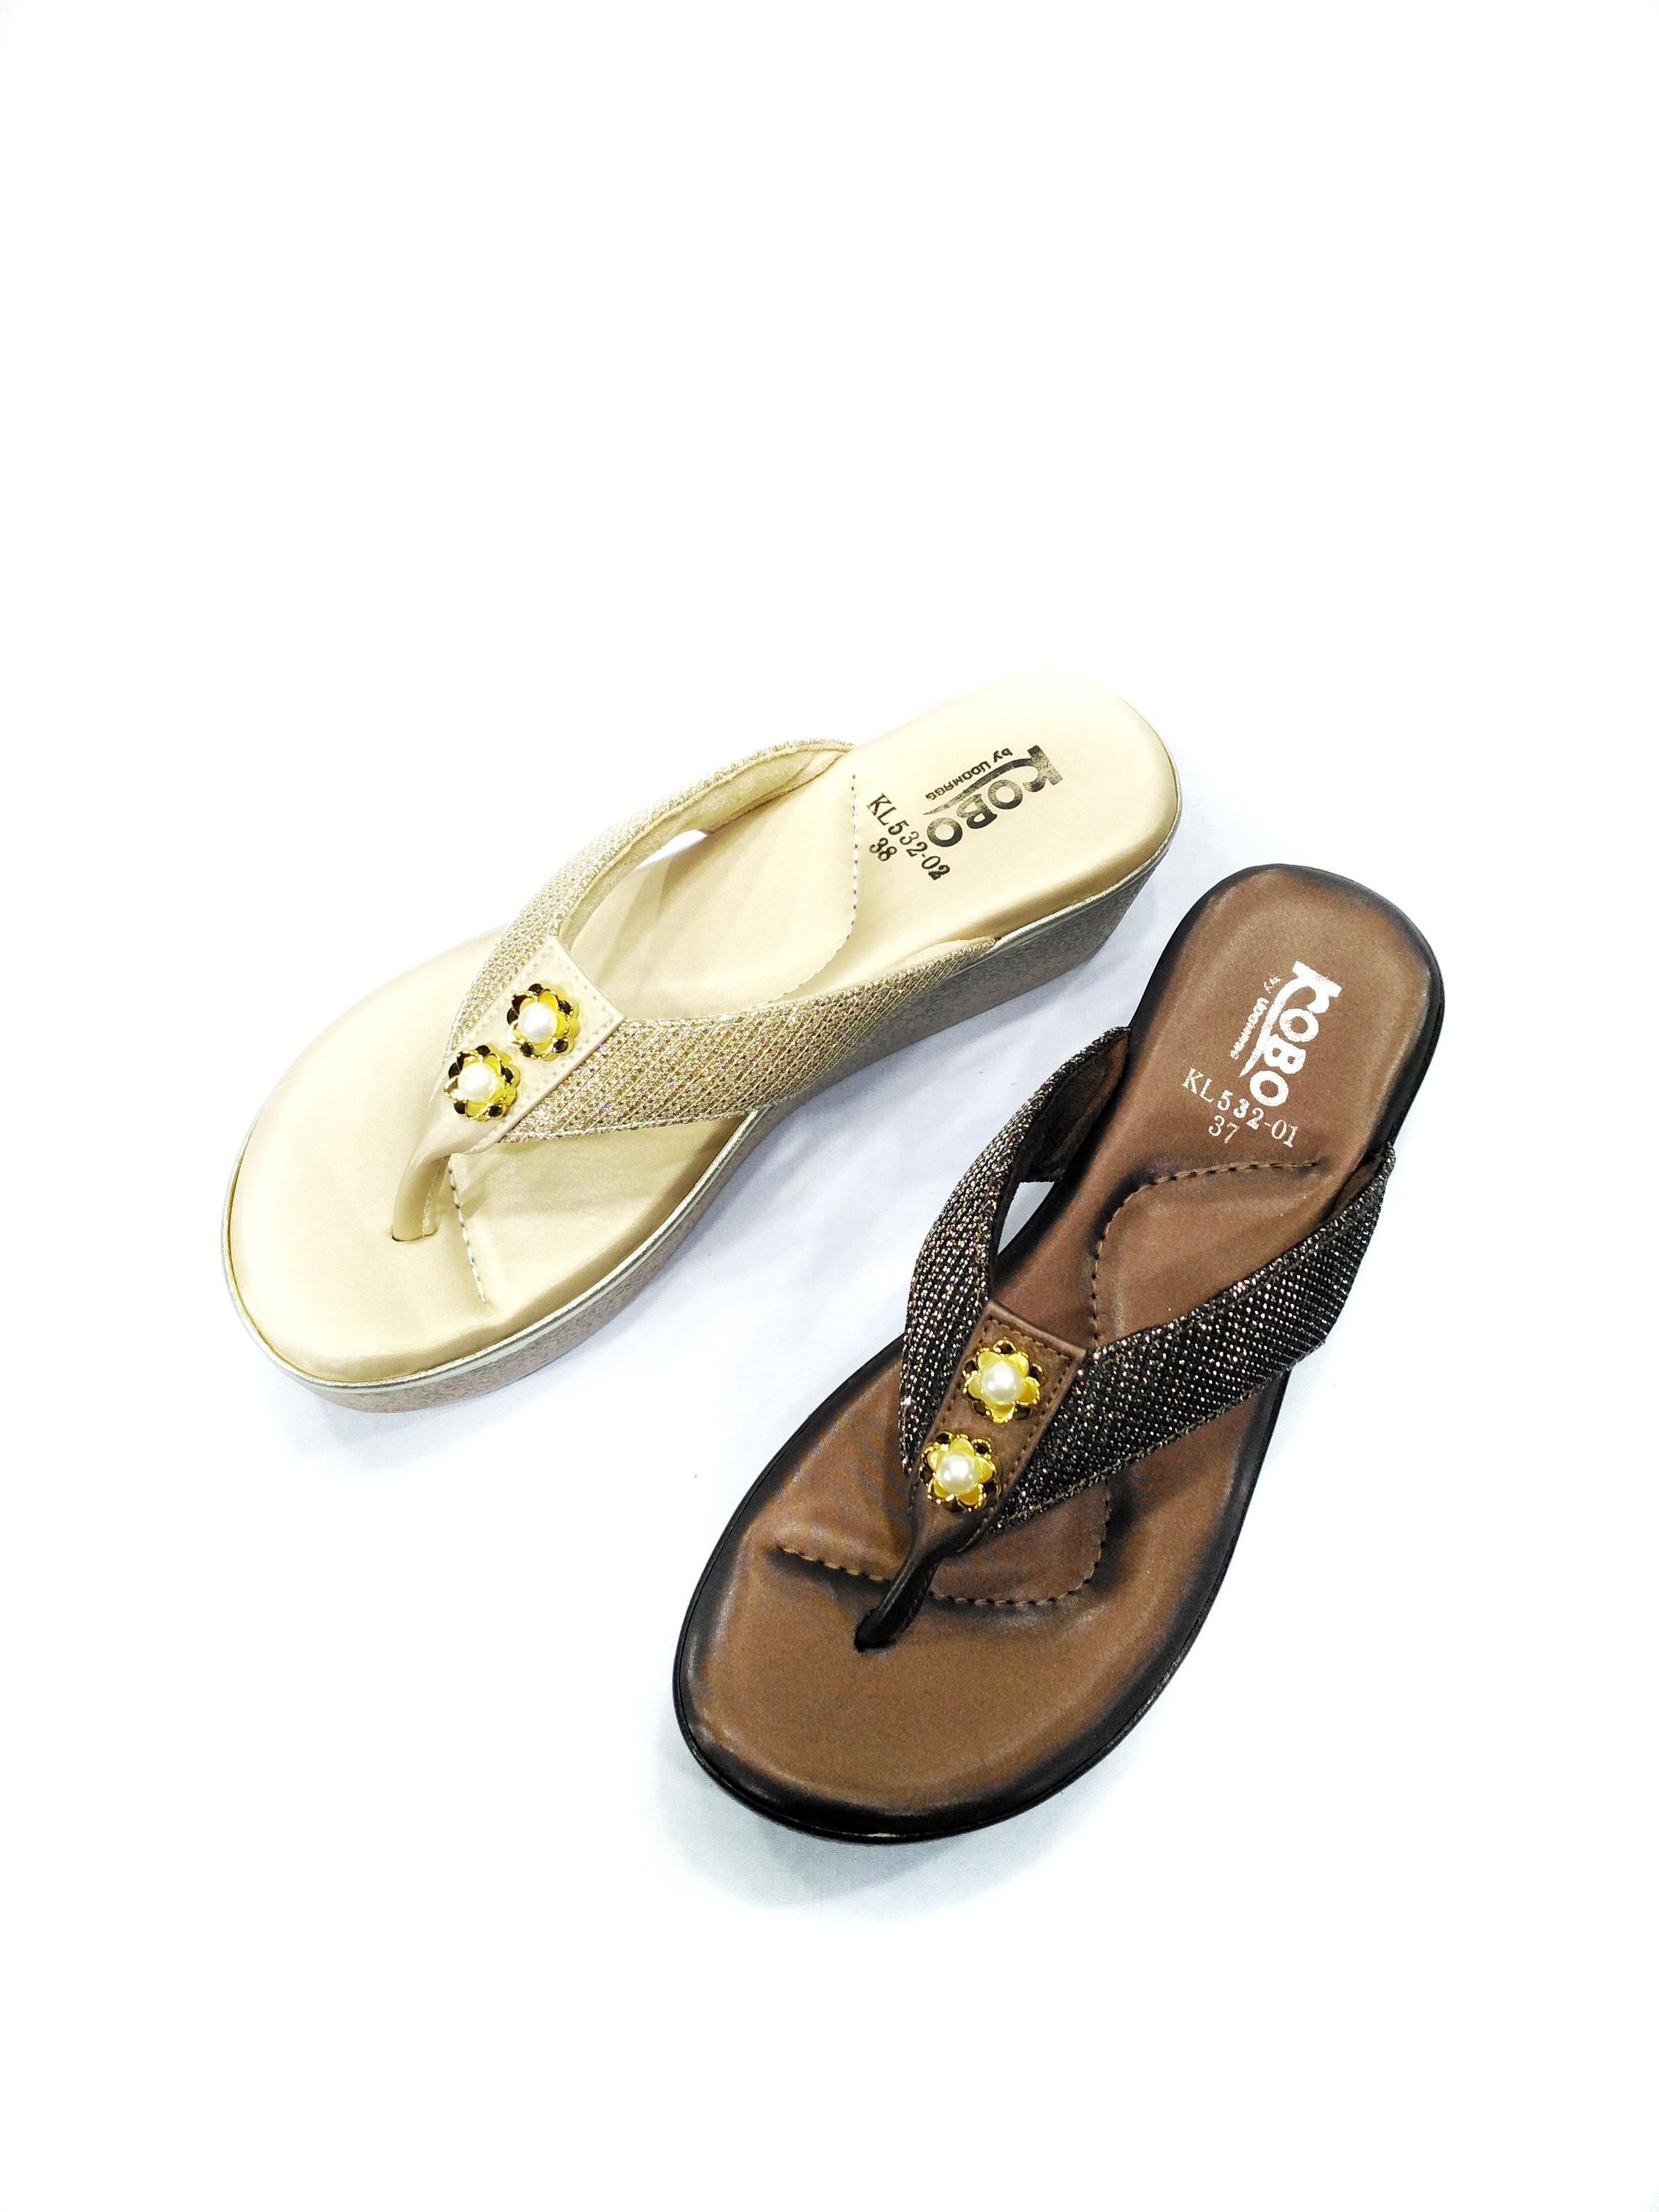 UDOMAGG รองเท้าแฟชั่นหญิง รุ่น KL532